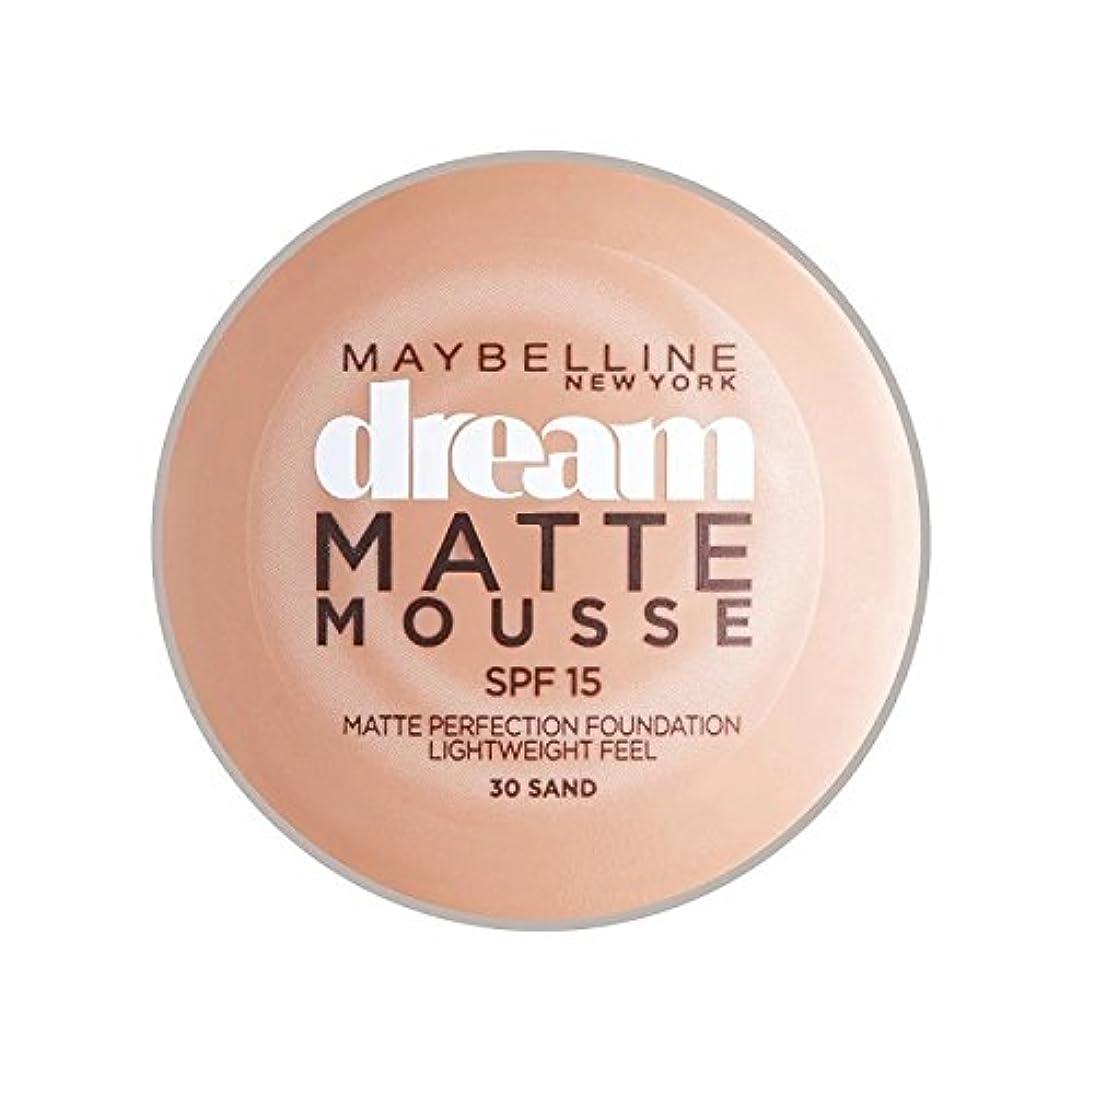 呼び出すジャングル受賞Maybelline Dream Matte Mousse Foundation 30 Sand 10ml - メイベリン夢のマットムース土台30砂の10ミリリットル [並行輸入品]